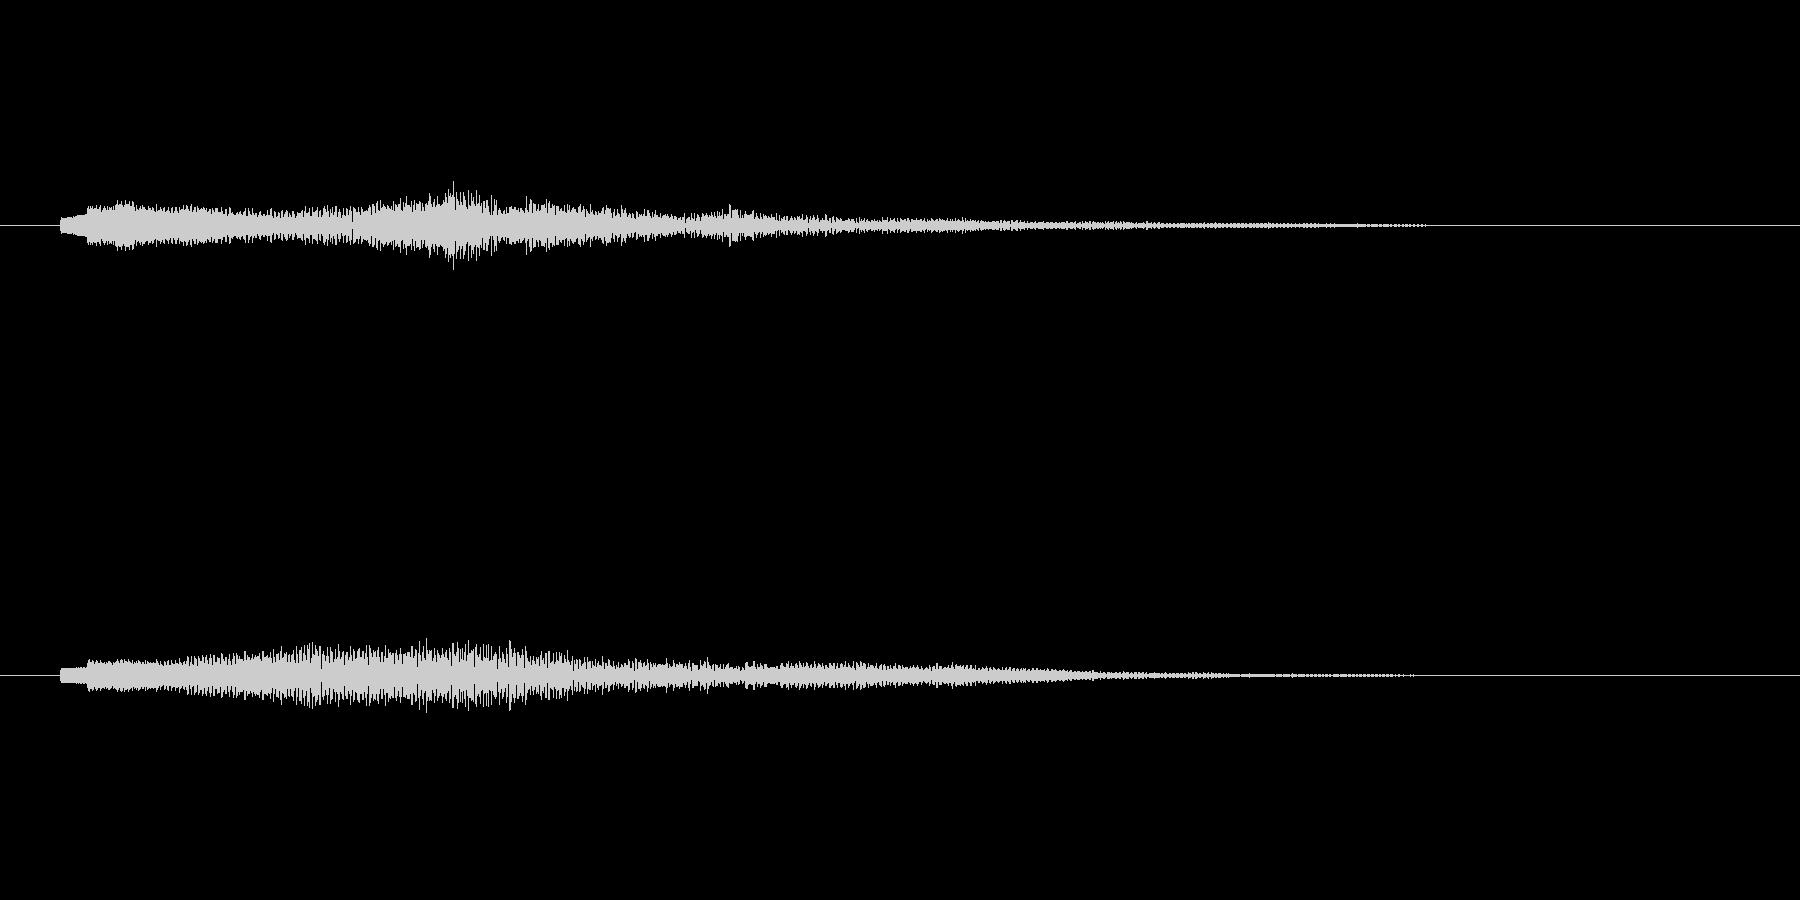 シンセコードによるサウンドロゴ2の未再生の波形